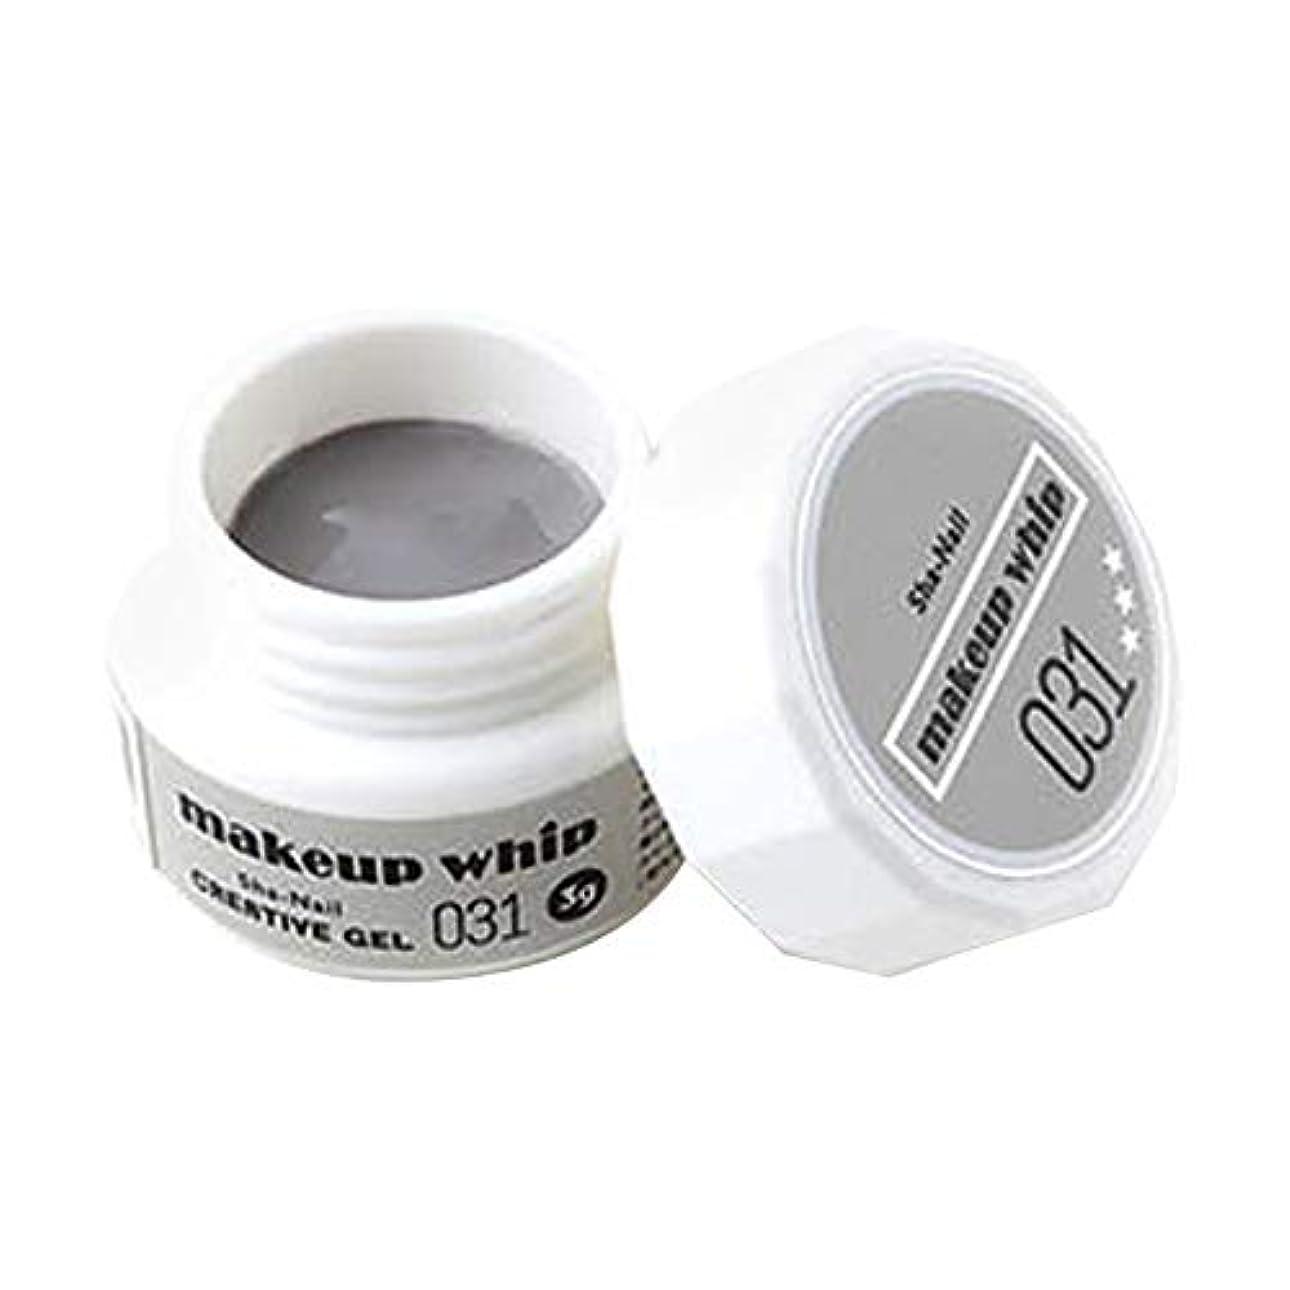 構想するダーリン適切にSha-Nail Creative Gel メイクアップホイップカラー 031 マット 3g UV/LED対応